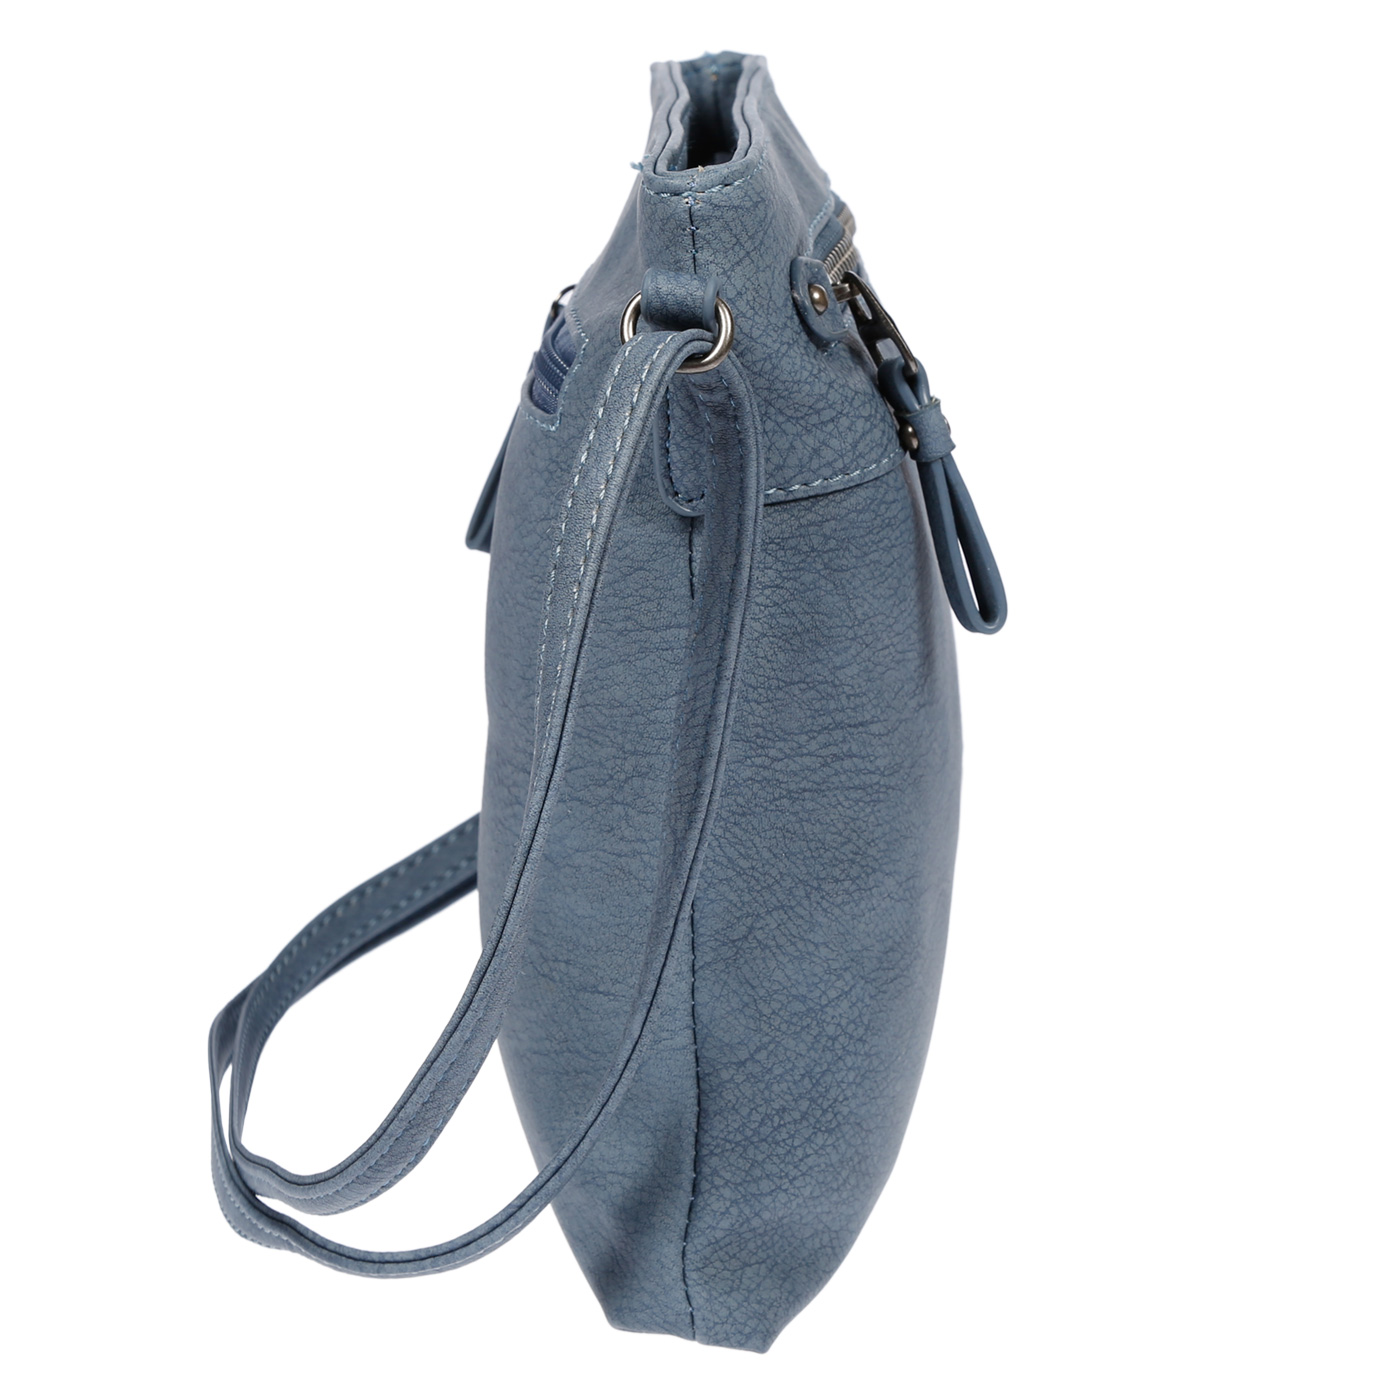 Damen-Handtasche-Umhaengetasche-Schultertasche-Tasche-Leder-Optik-Schwarz-Weiss Indexbild 46